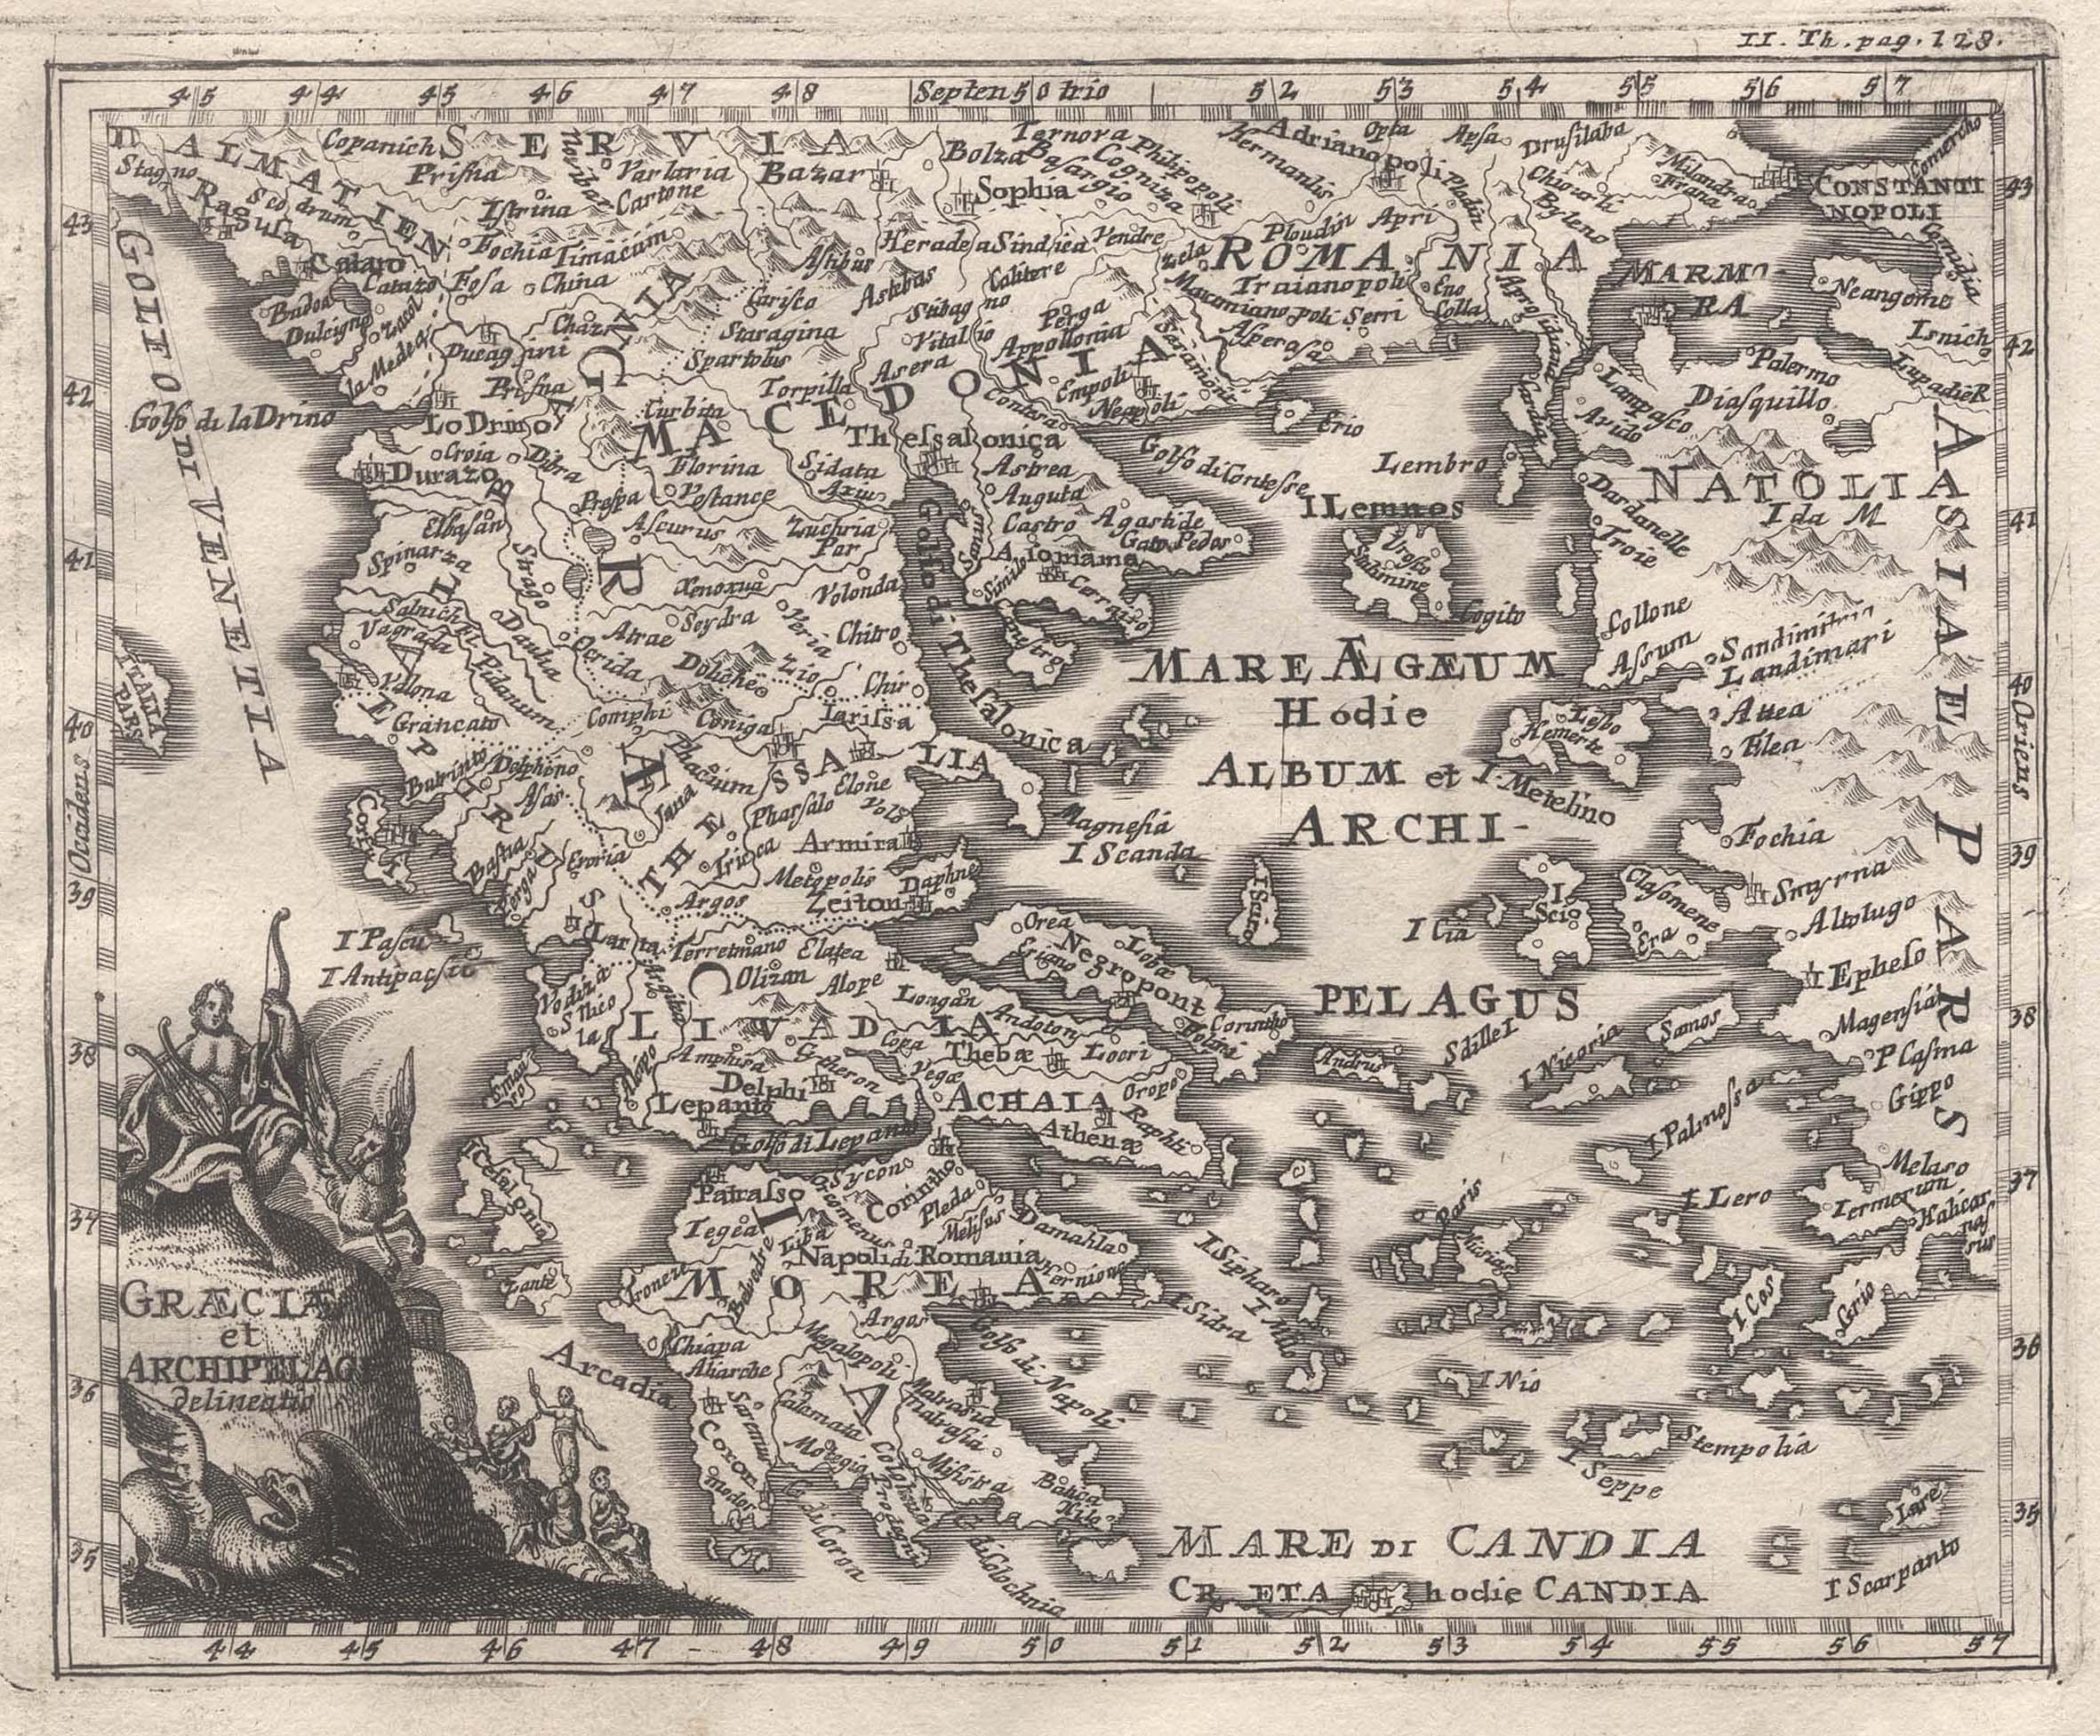 Kst.- Karte, v. G.J. Haupt oder Th.: Griechenland ( Greece